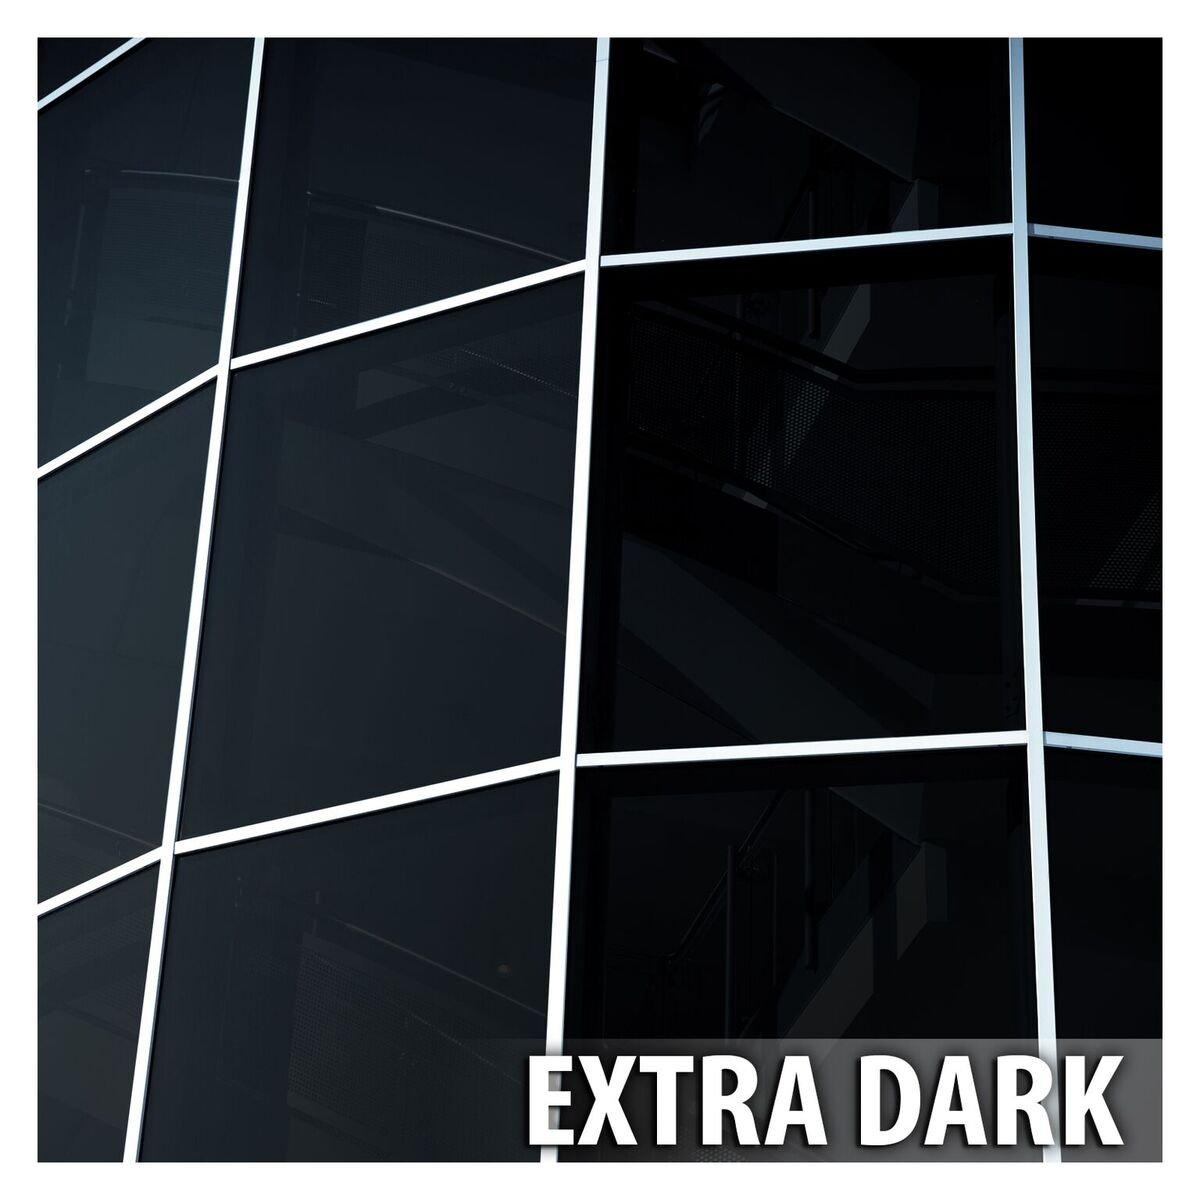 BDF F105 Window Film Classic Black (Extra Dark) - 36in X 24ft